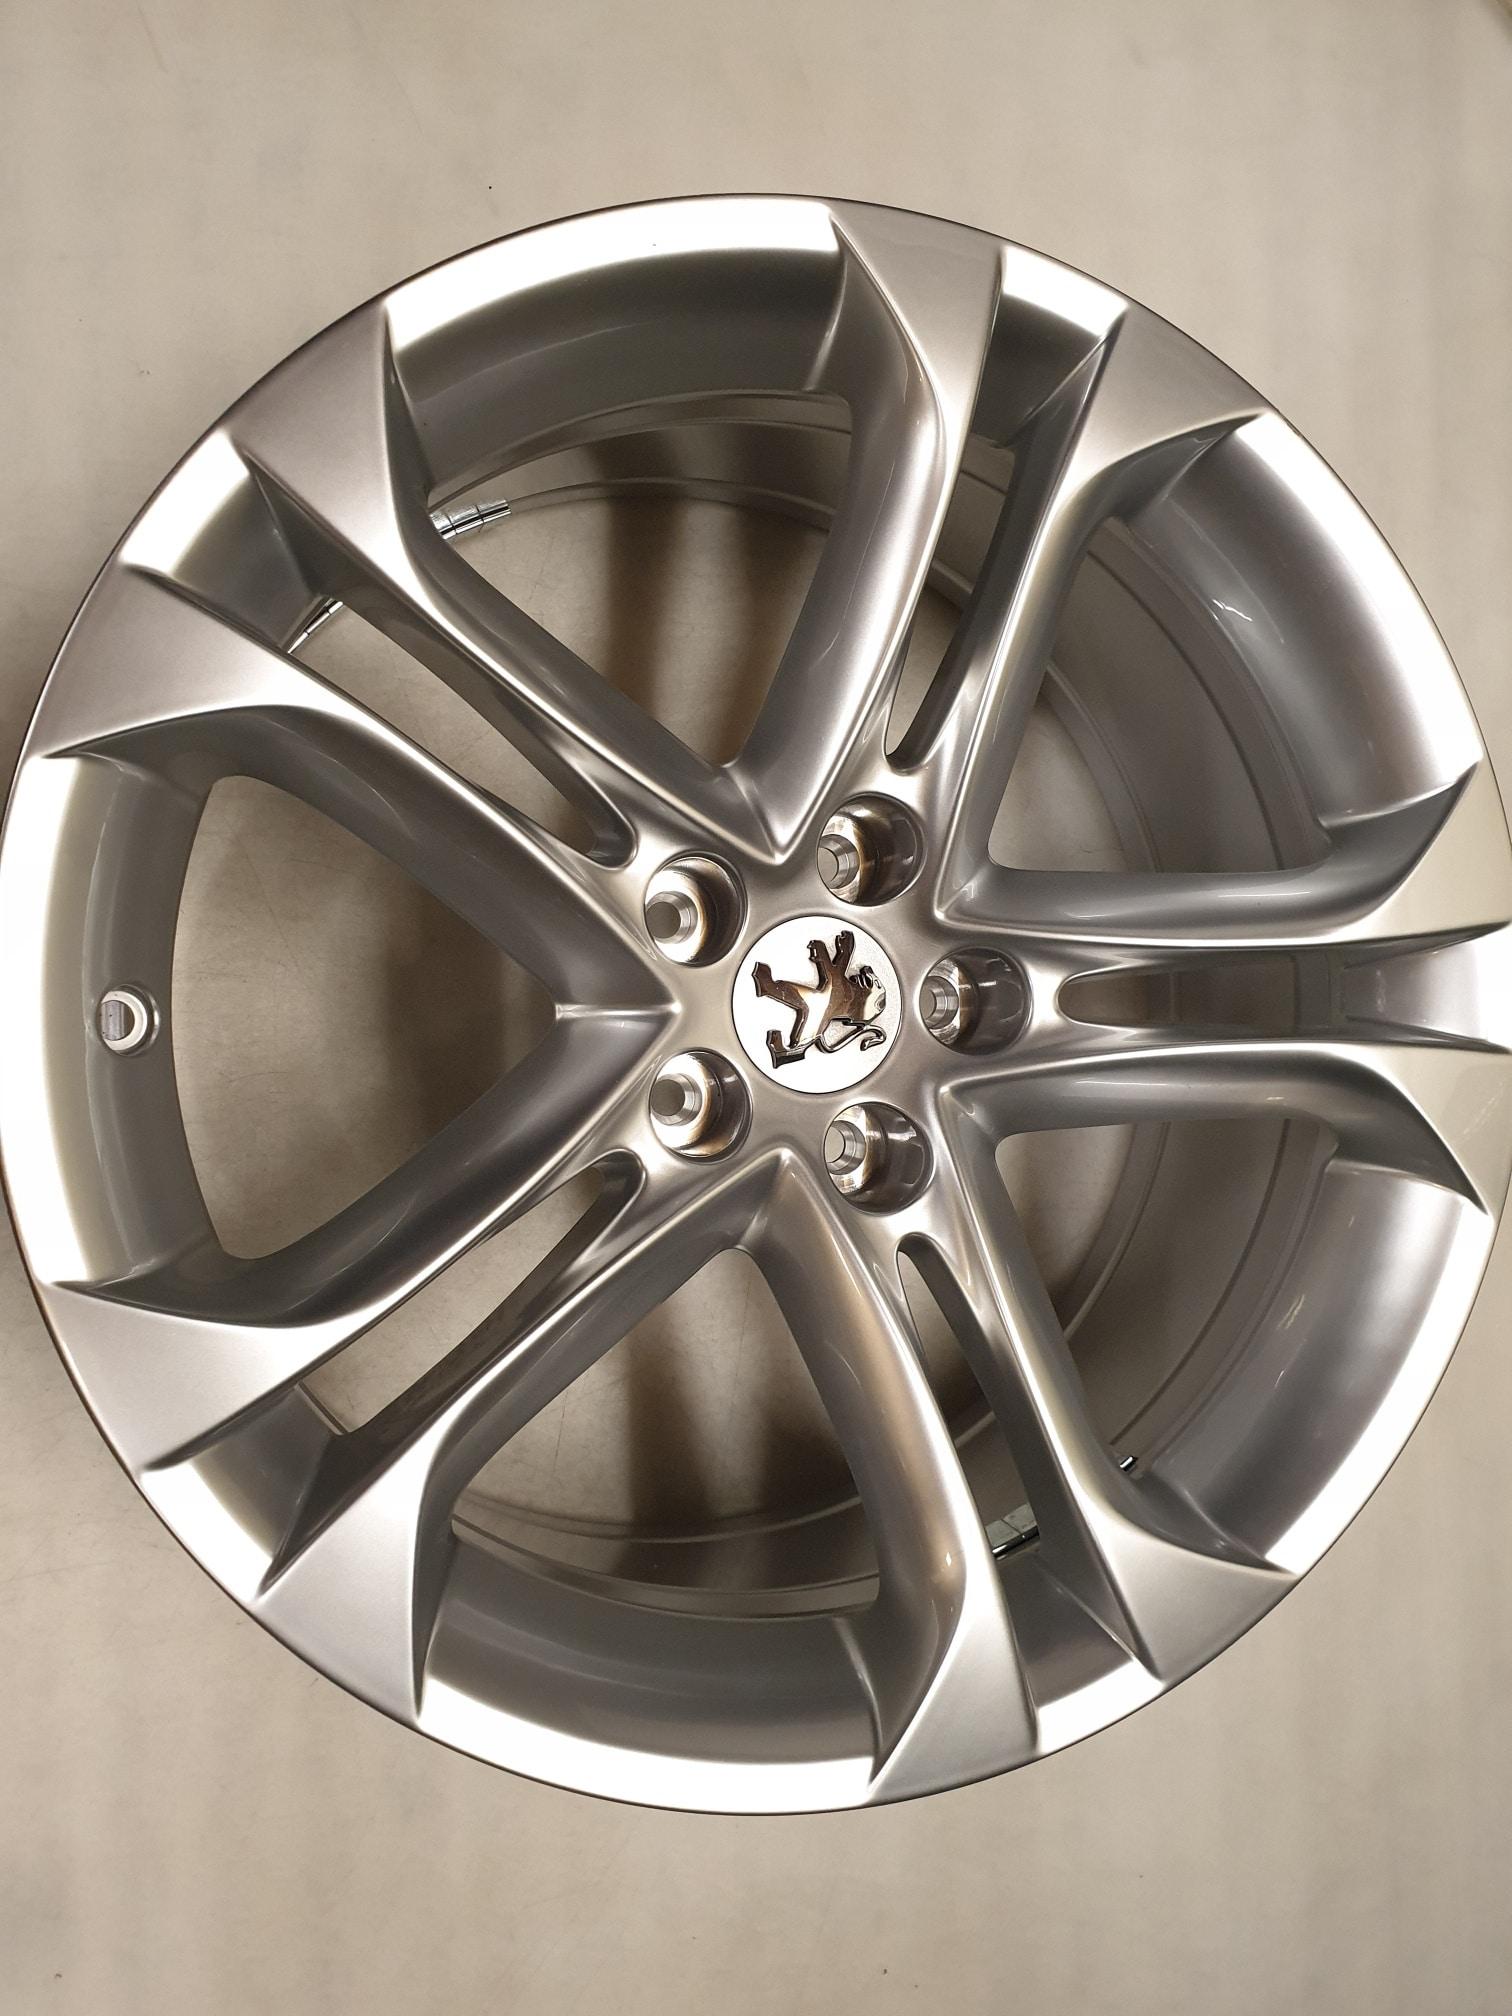 Originele Peugeot Rcz Lichtmetalen Velgen 18 Inch